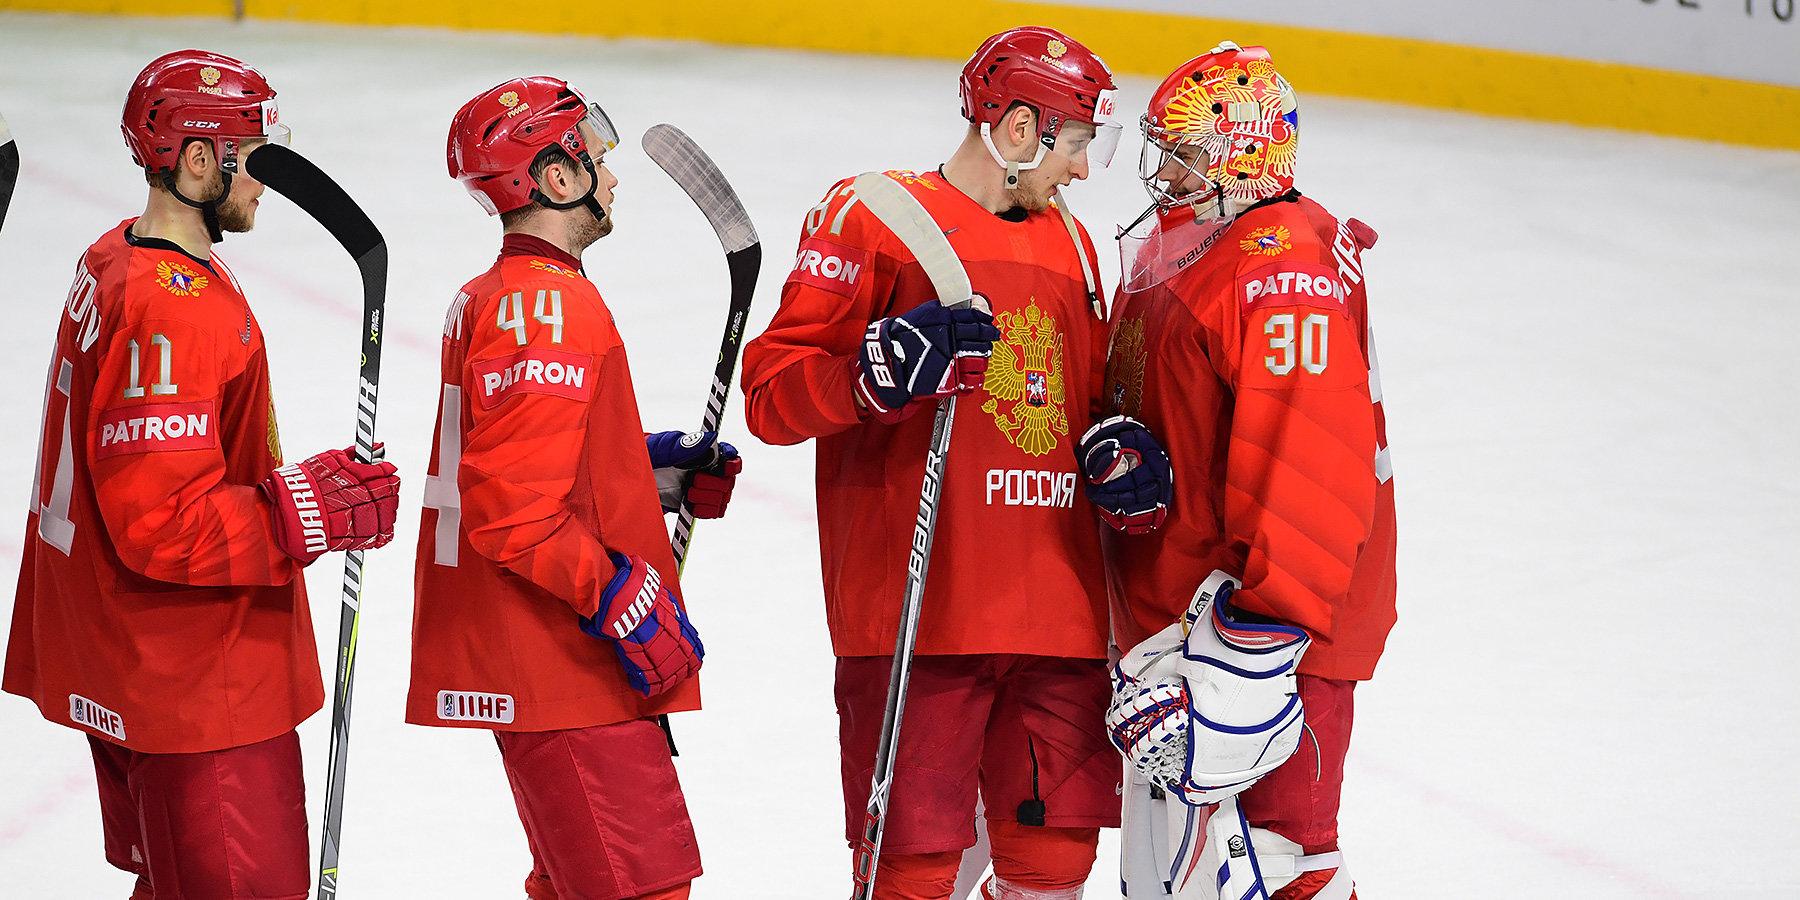 Тренерский штаб сборной России назвал состав на первый этап Евротура